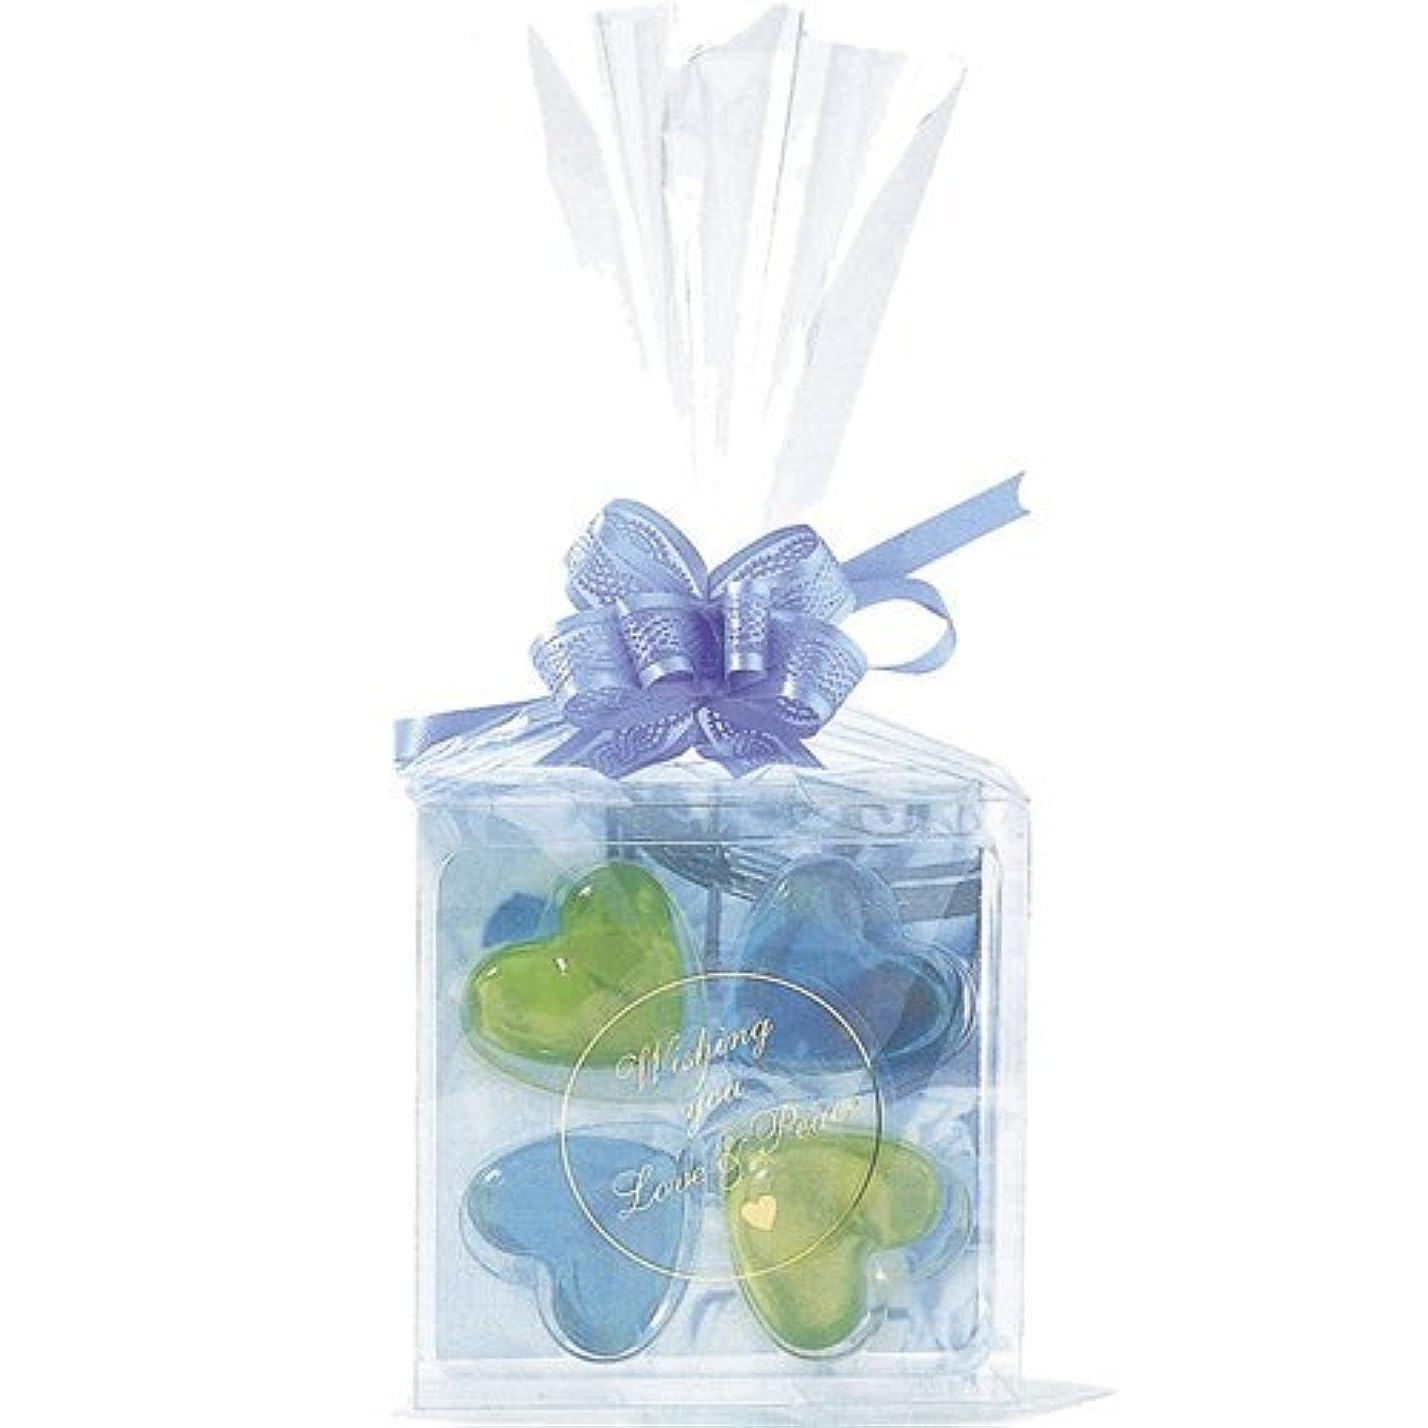 アデレードコンデンサー軽量ジーピークリエイツ フォーチューンクローバー ブルー 入浴料セット(グリーンアップル、ベリー)